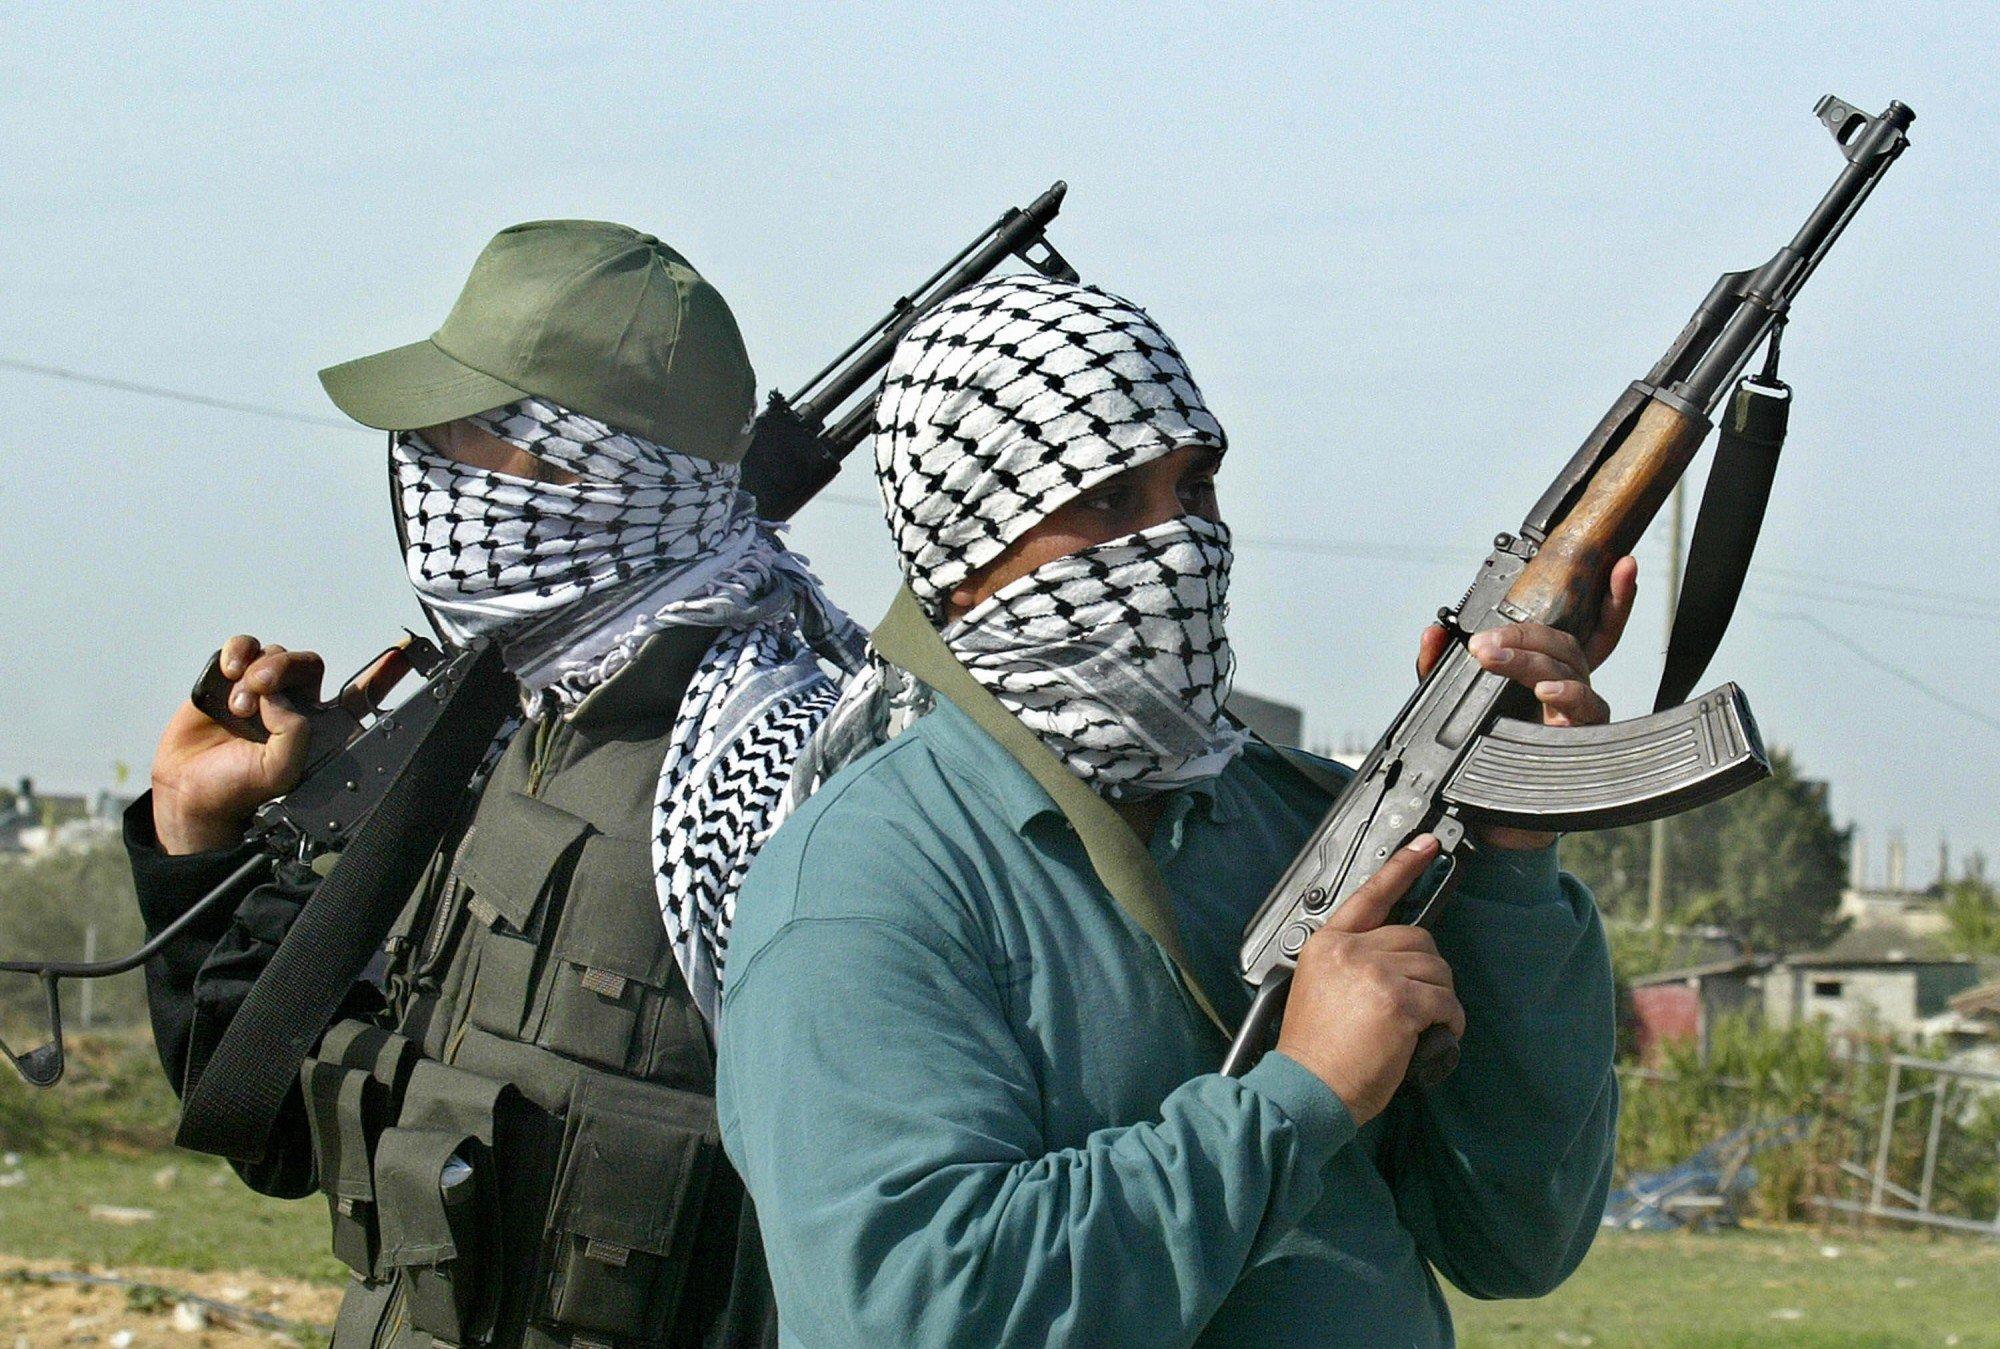 'Shebi Na Una Dey Chase SARS', Say RRS Officers While Beating Young Man in Ekiti